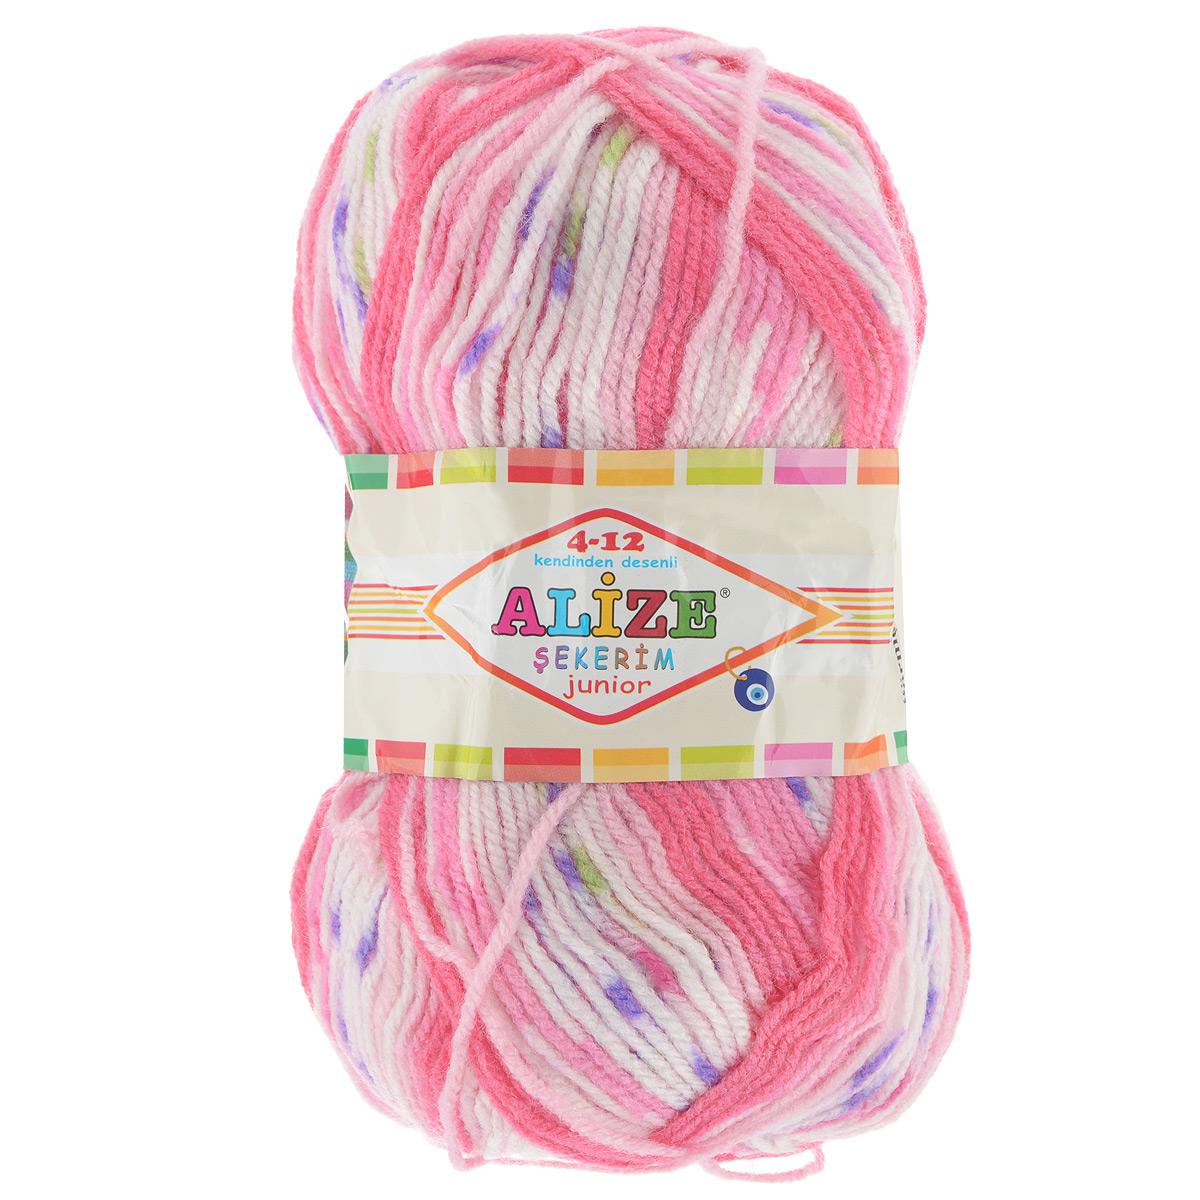 Пряжа для вязания Alize Sekerim Junior, цвет: белый, розовый, фиолетовый (707), 320 м, 100 г, 5 шт цена